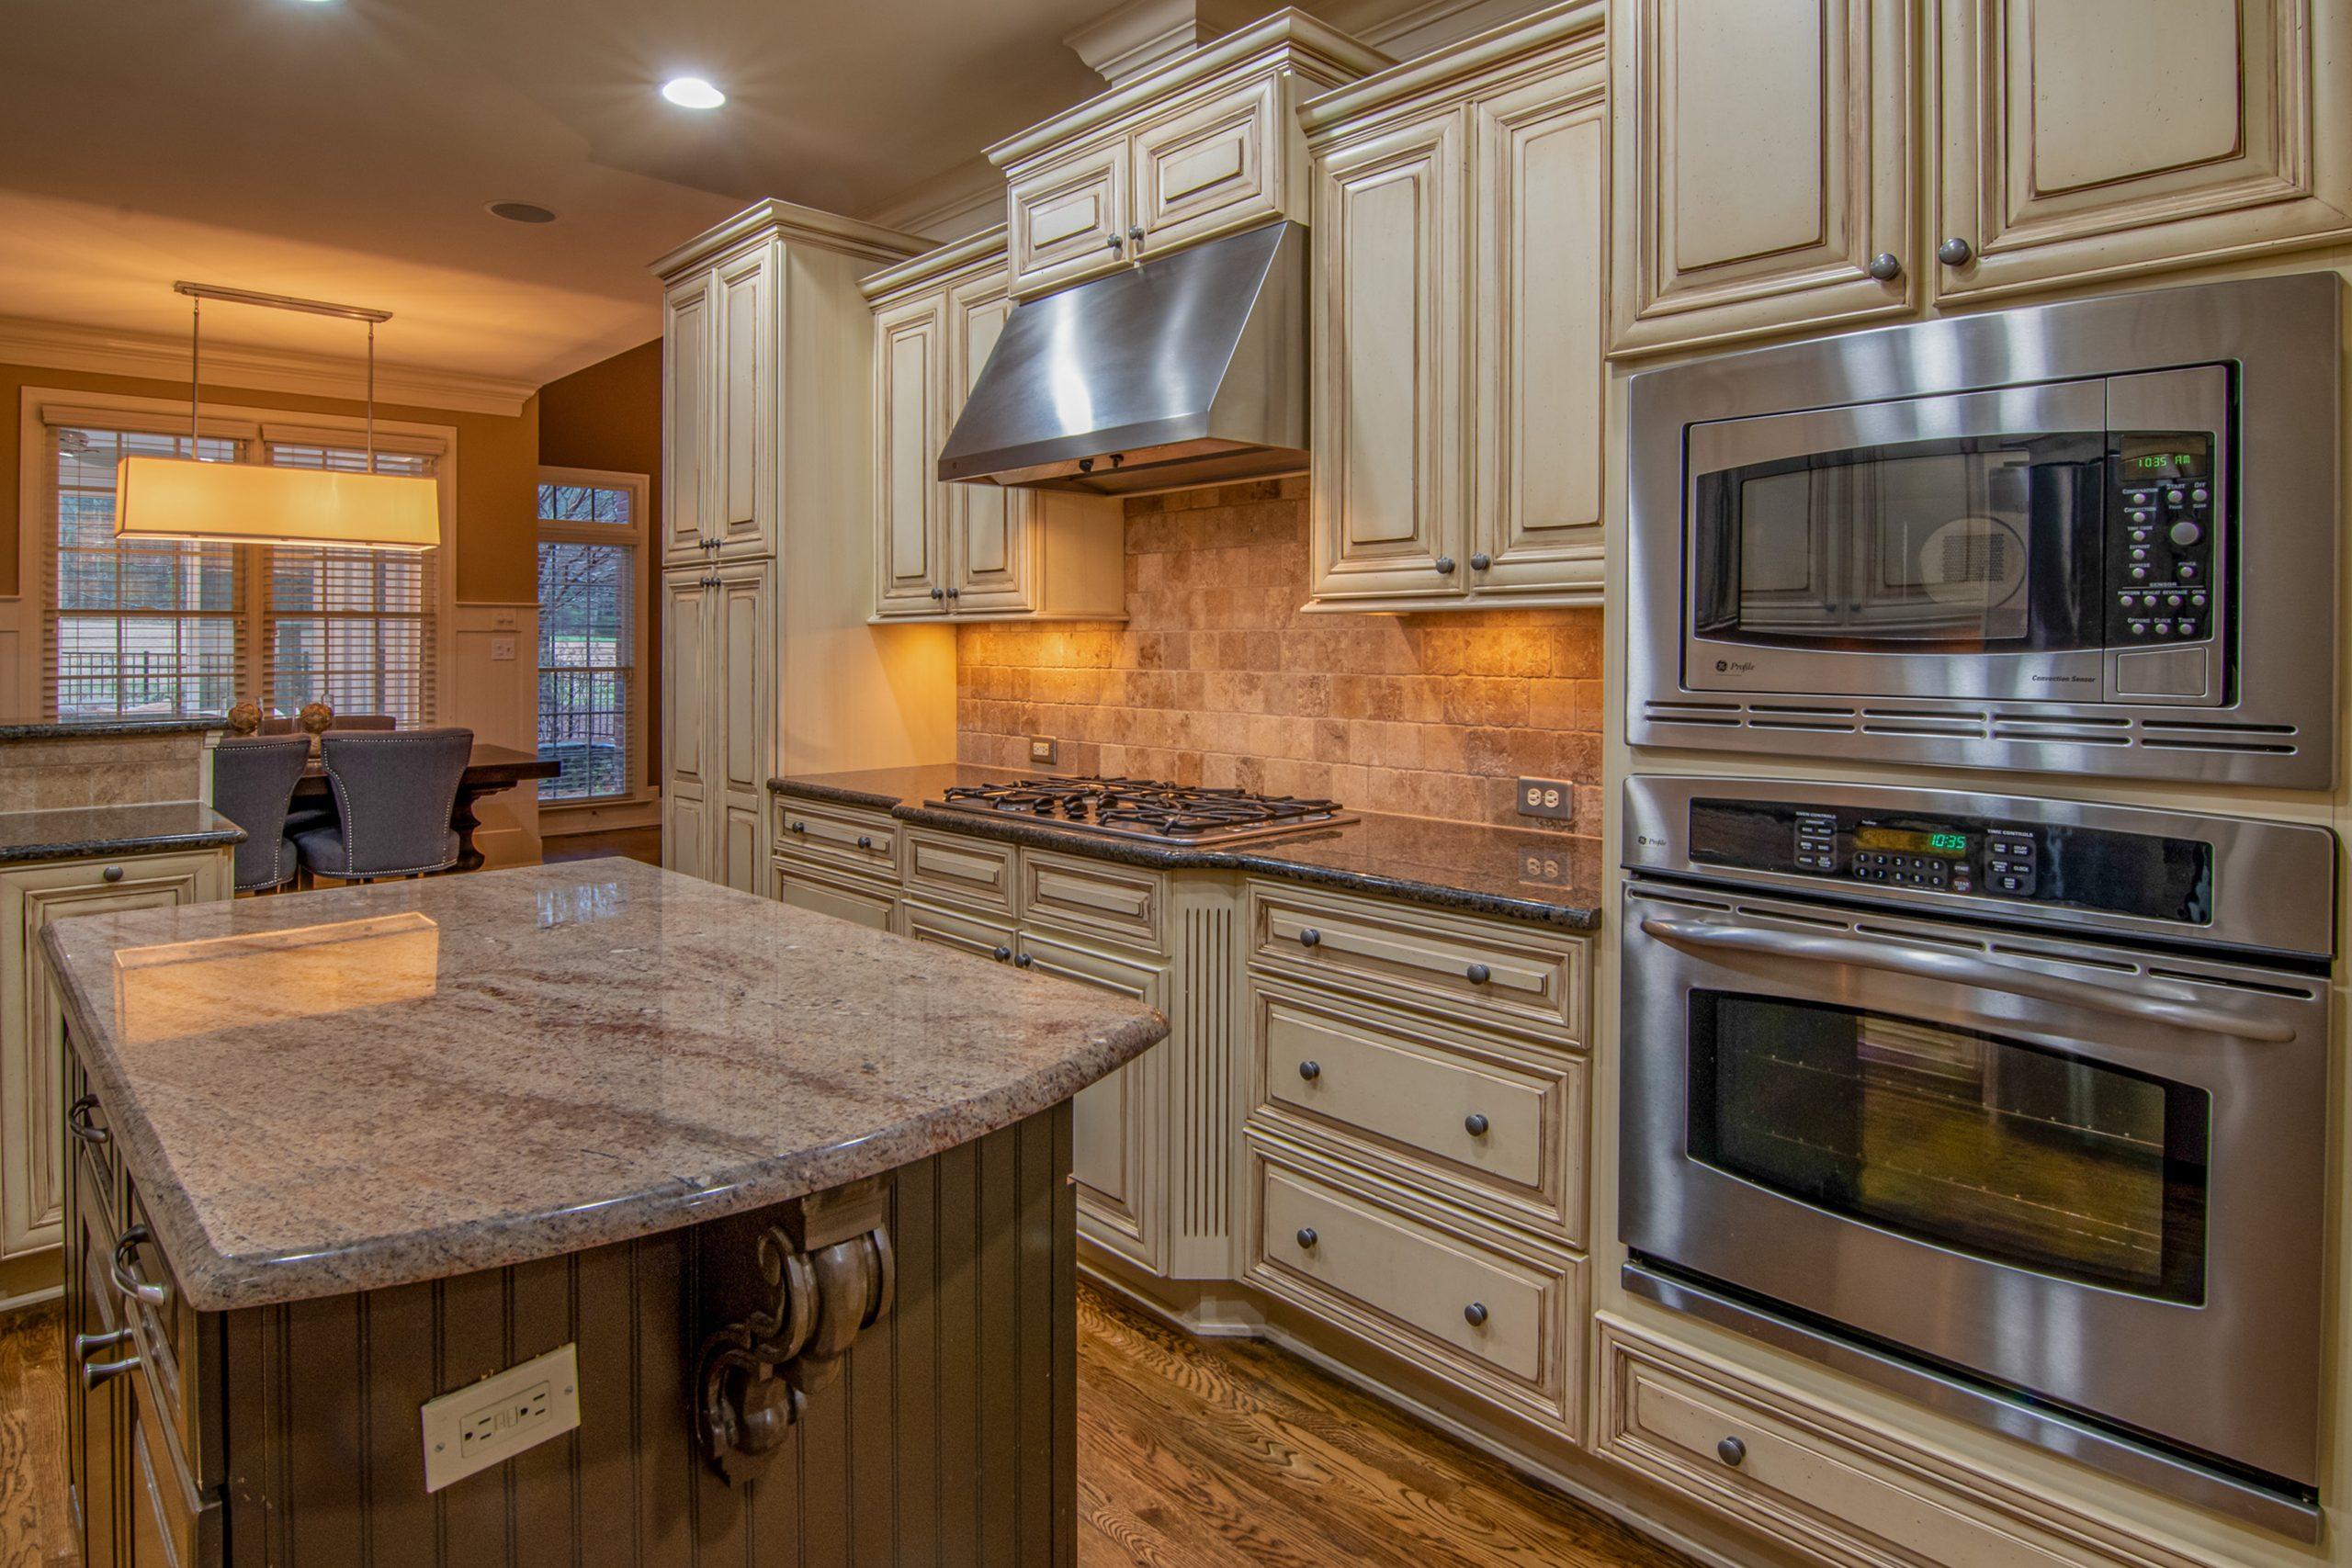 Off White Cabinets Granite Counters